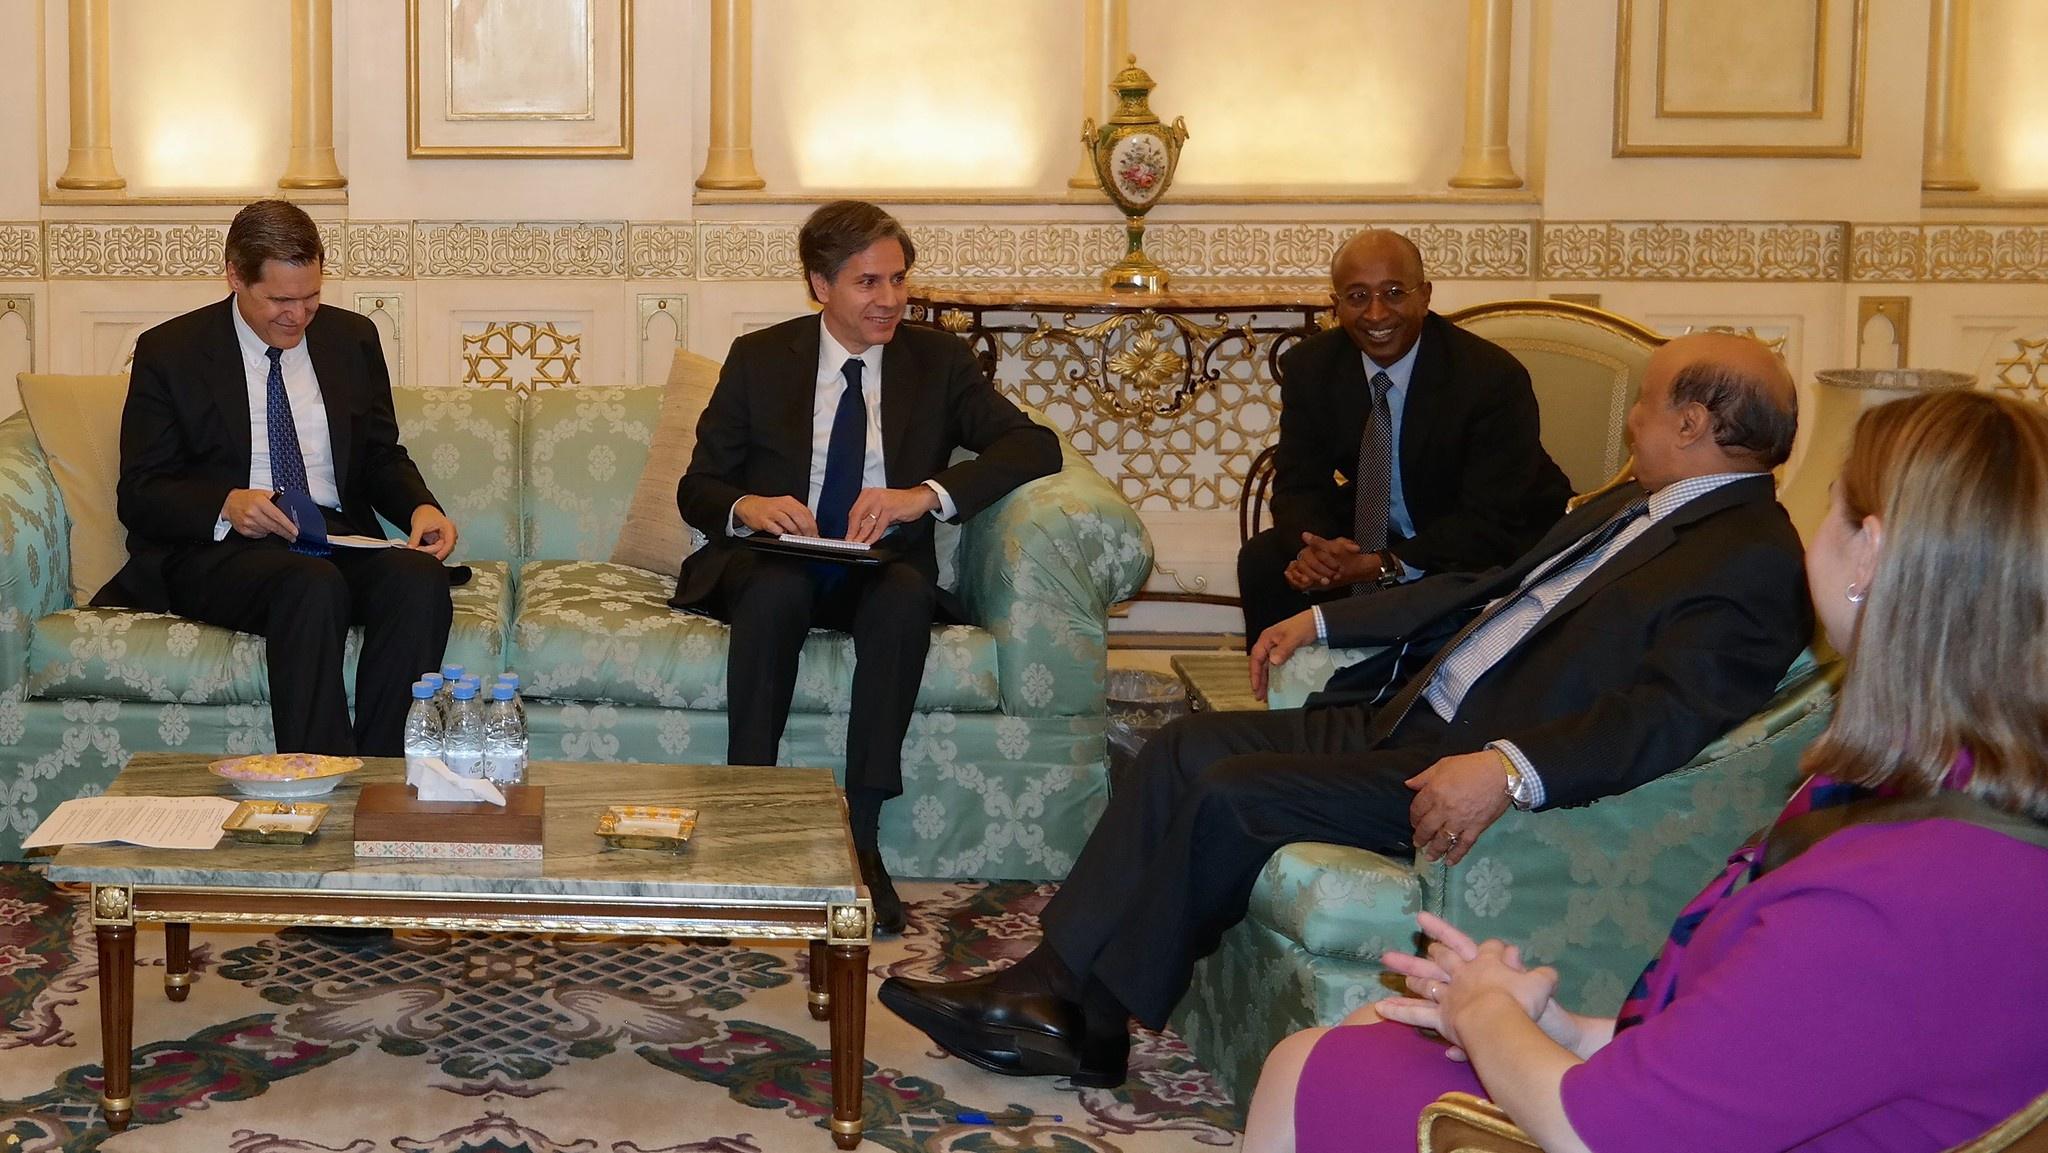 Госсекретарь Тони Блинкен утверждает, будто Америка глубоко обеспокоена «катастрофической гуманитарной ситуацией», сложившейся в Йемене. На встрече с президентом Йемена Абд Раббо Мансуром.